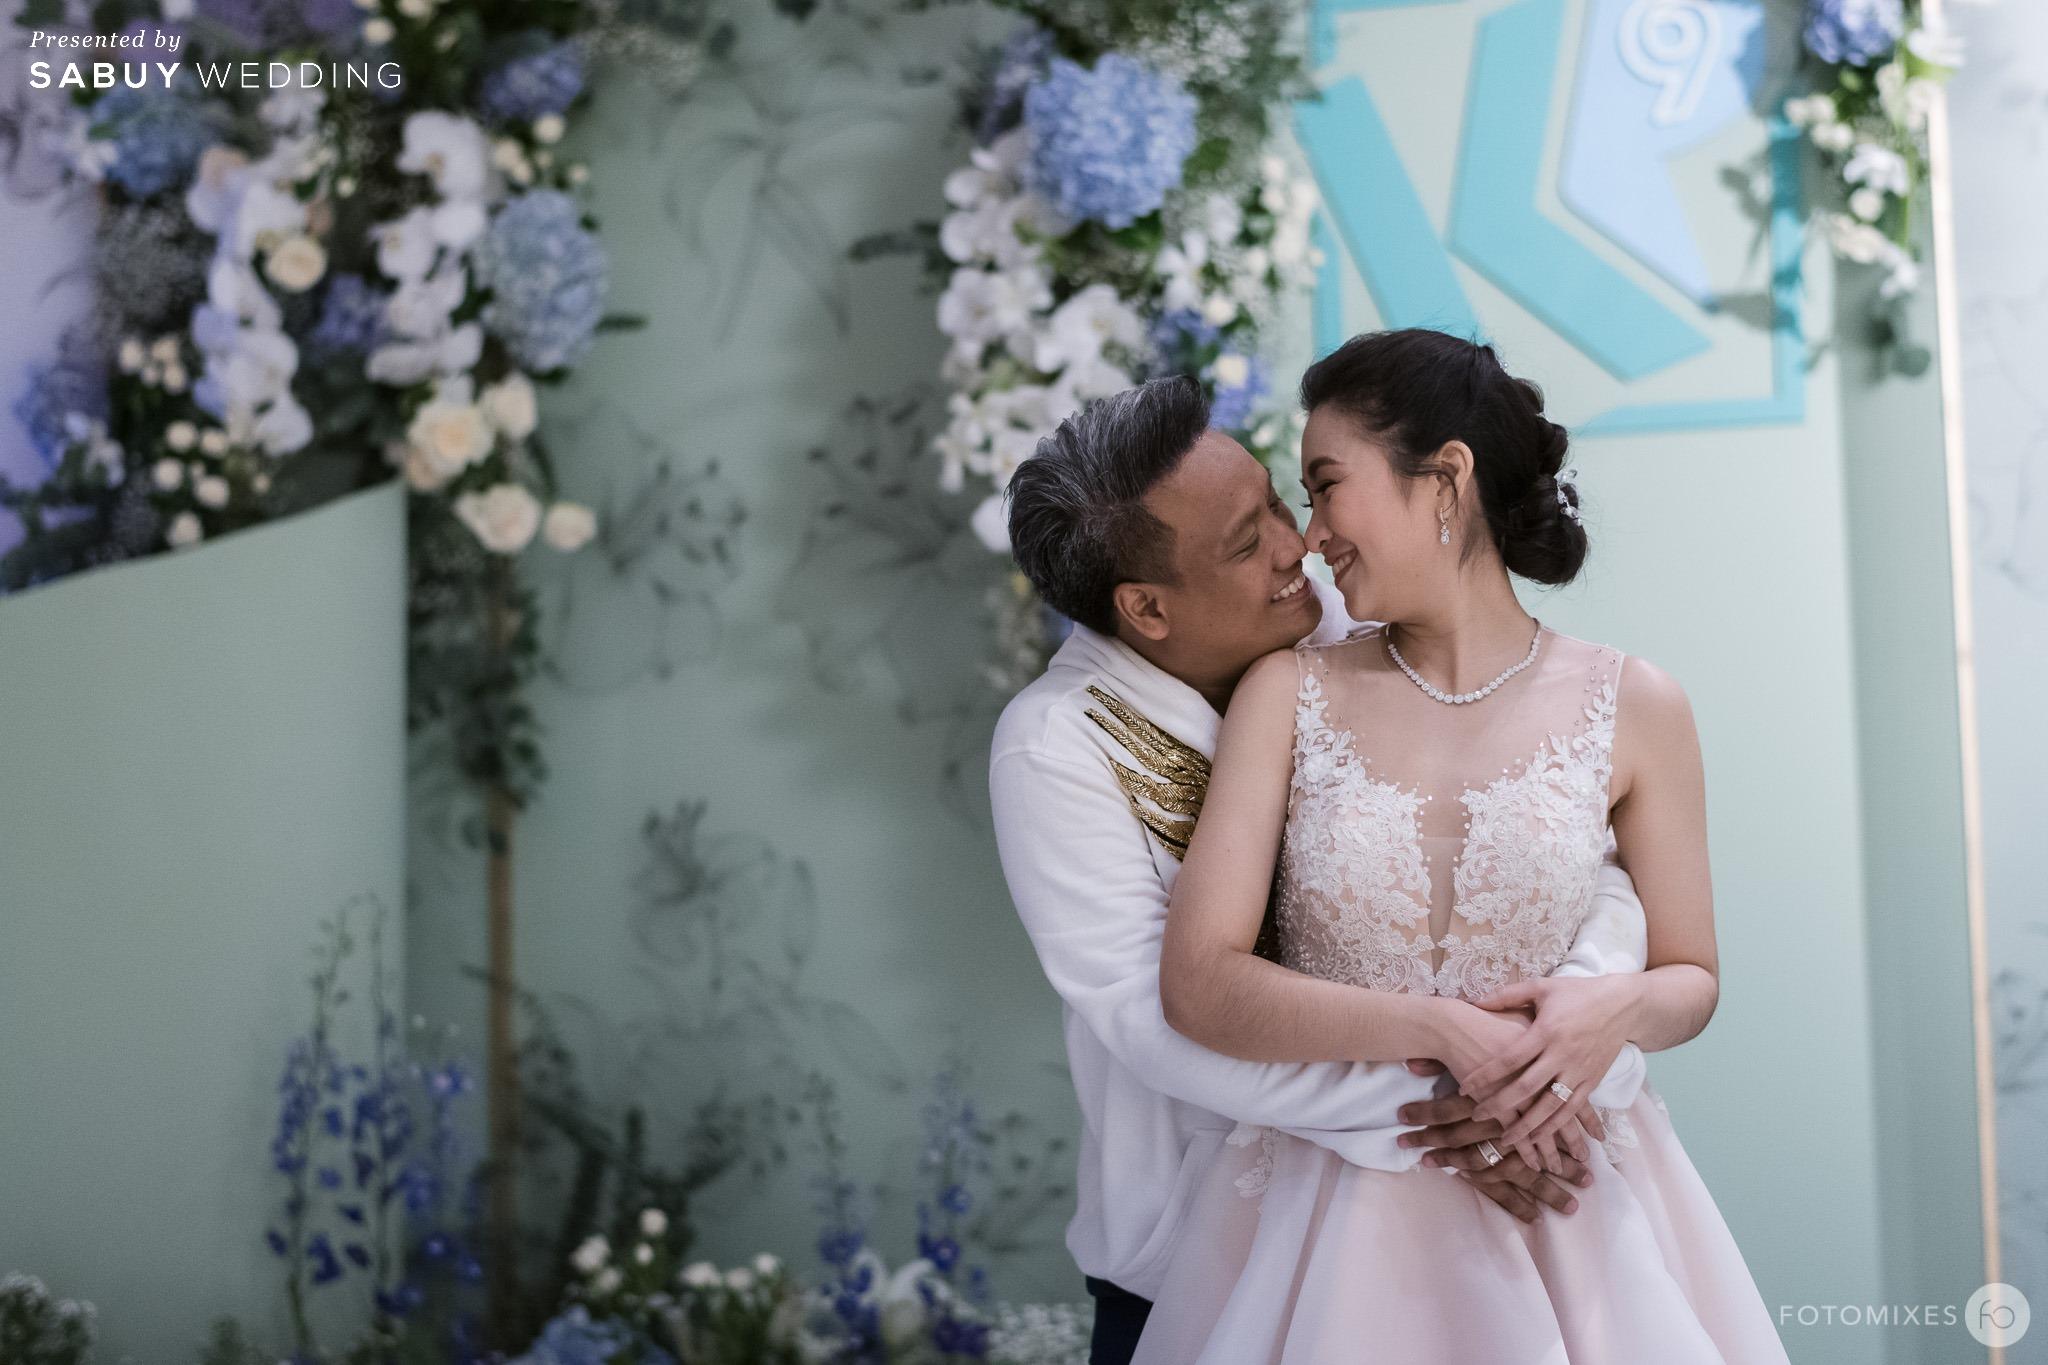 เจ้าบ่าว,งานแต่งงาน,เจ้าสาว รีวิวงานแต่งแสนหวานกับคอนเซ็ปต์งานสไตล์ English Garden @ Sofitel Bangkok Sukhumvit